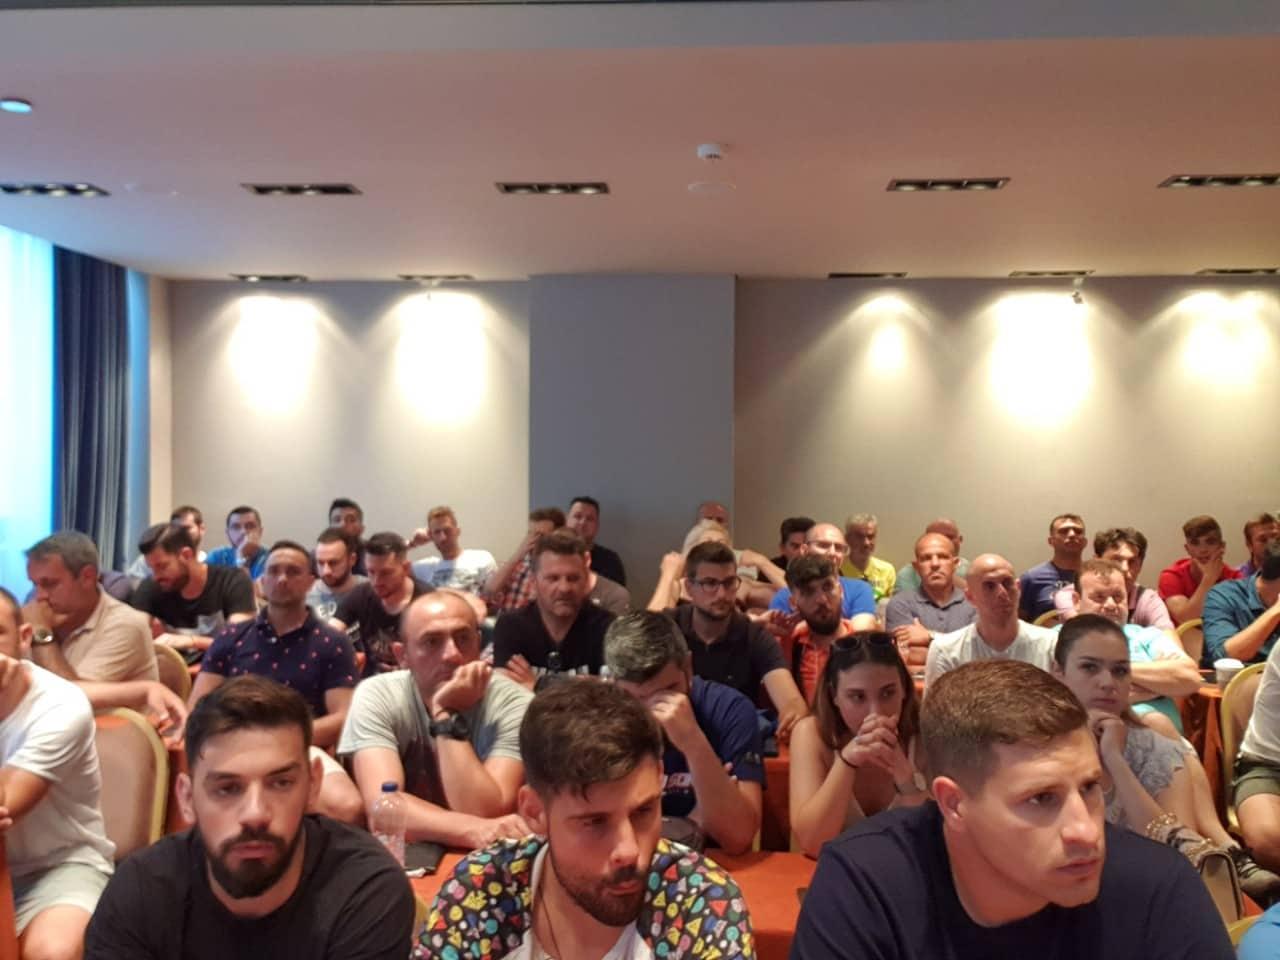 Εναρξη Σχολής Προπονητών UEFA D΄ - Μέρα Πρώτη 8 Ιουνίου 2019